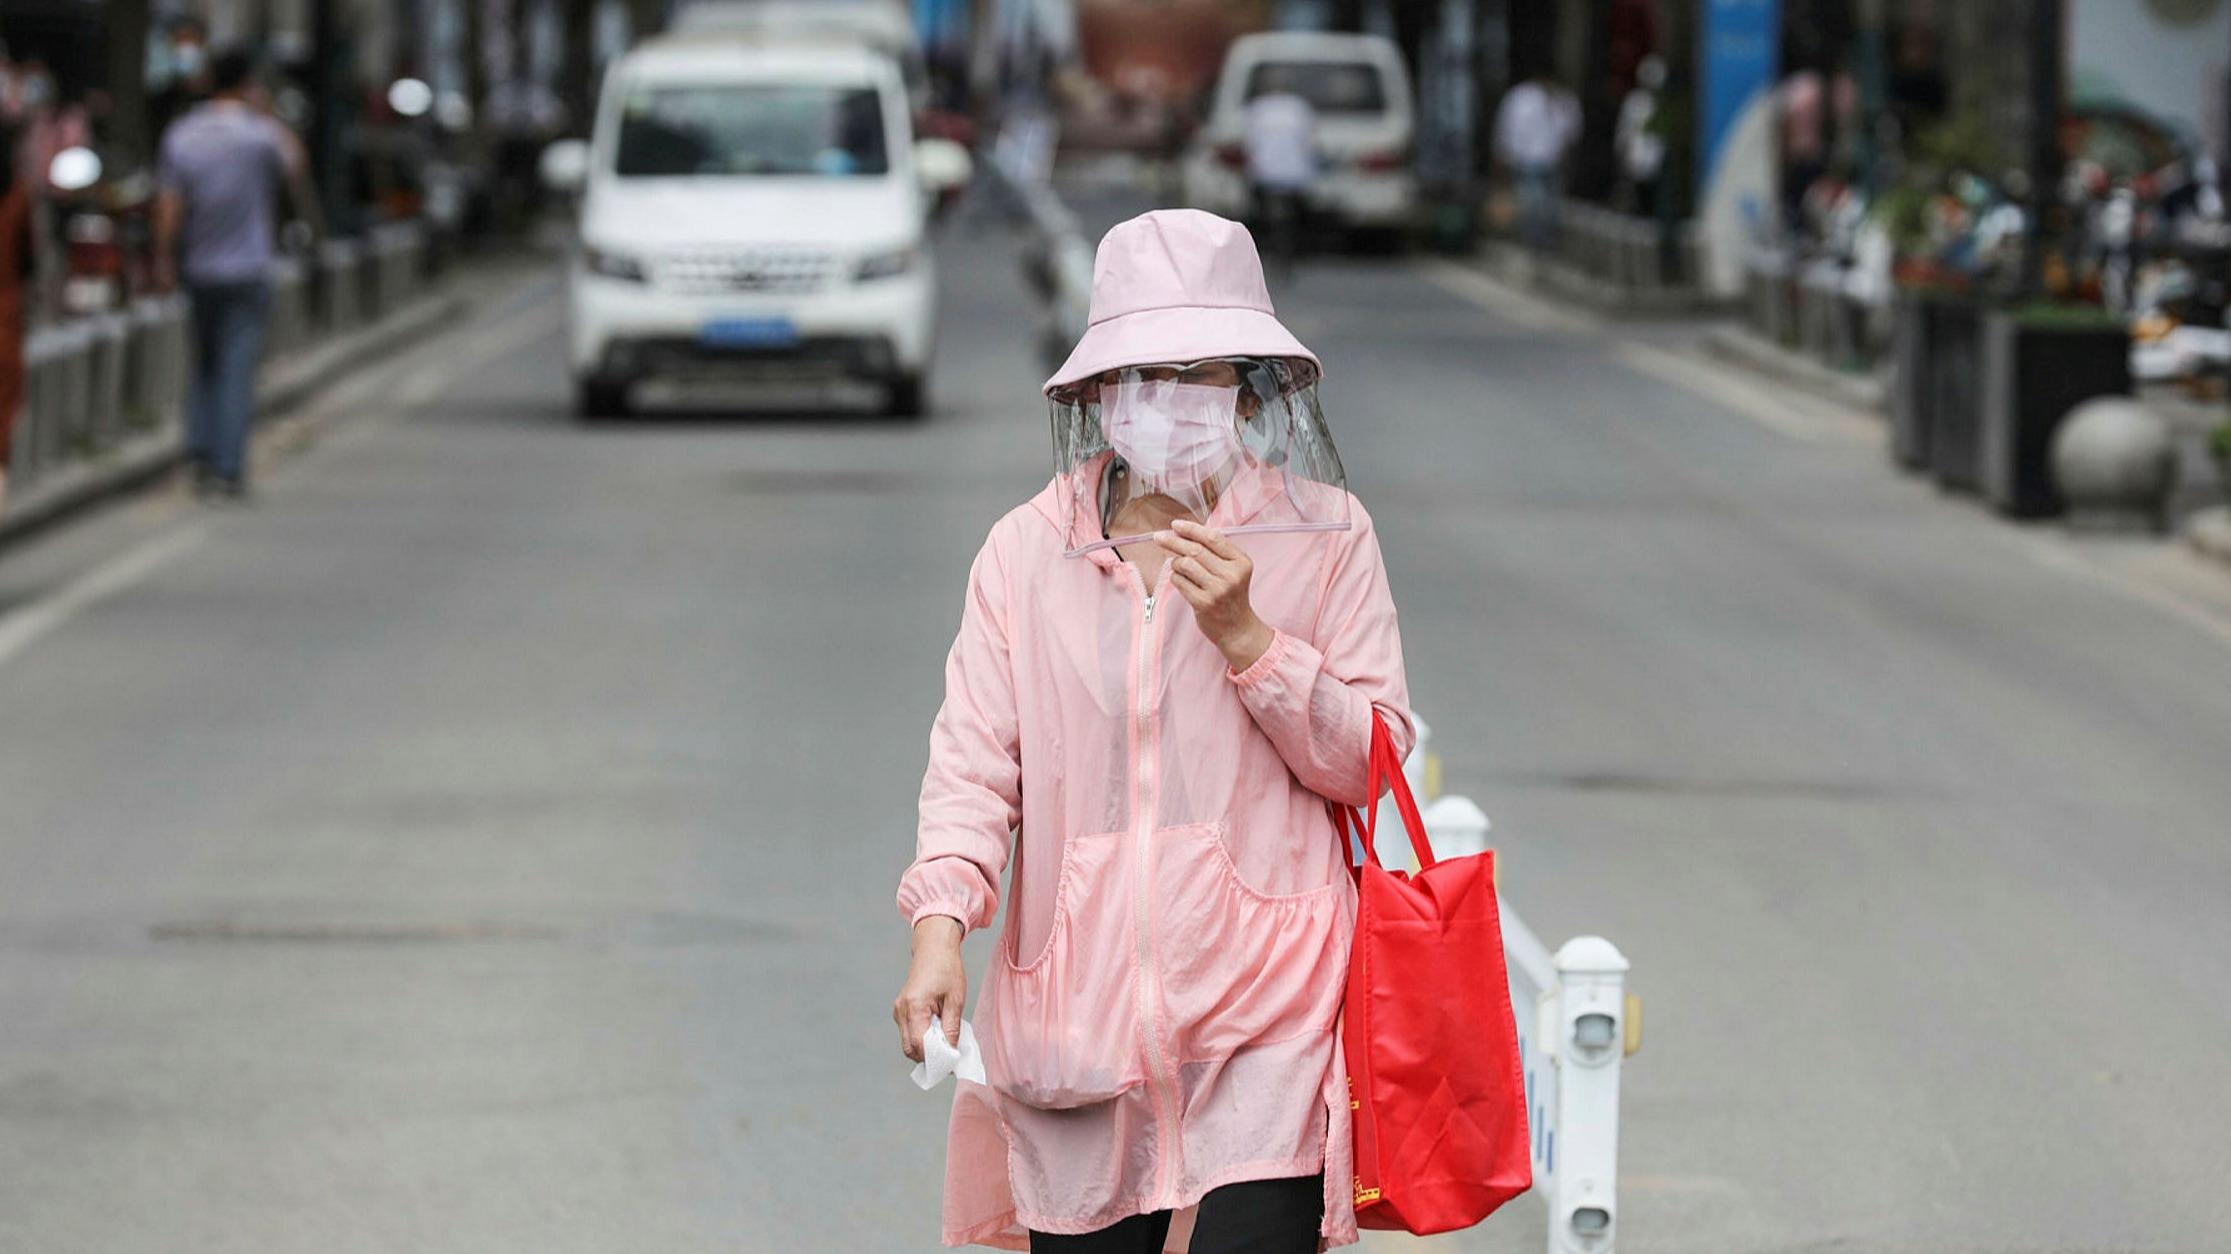 Κίνα Γουχάν: Προς εξέταση ολόκληρου του πληθυσμού μετά την επανεμφάνιση του ιού στην πόλη